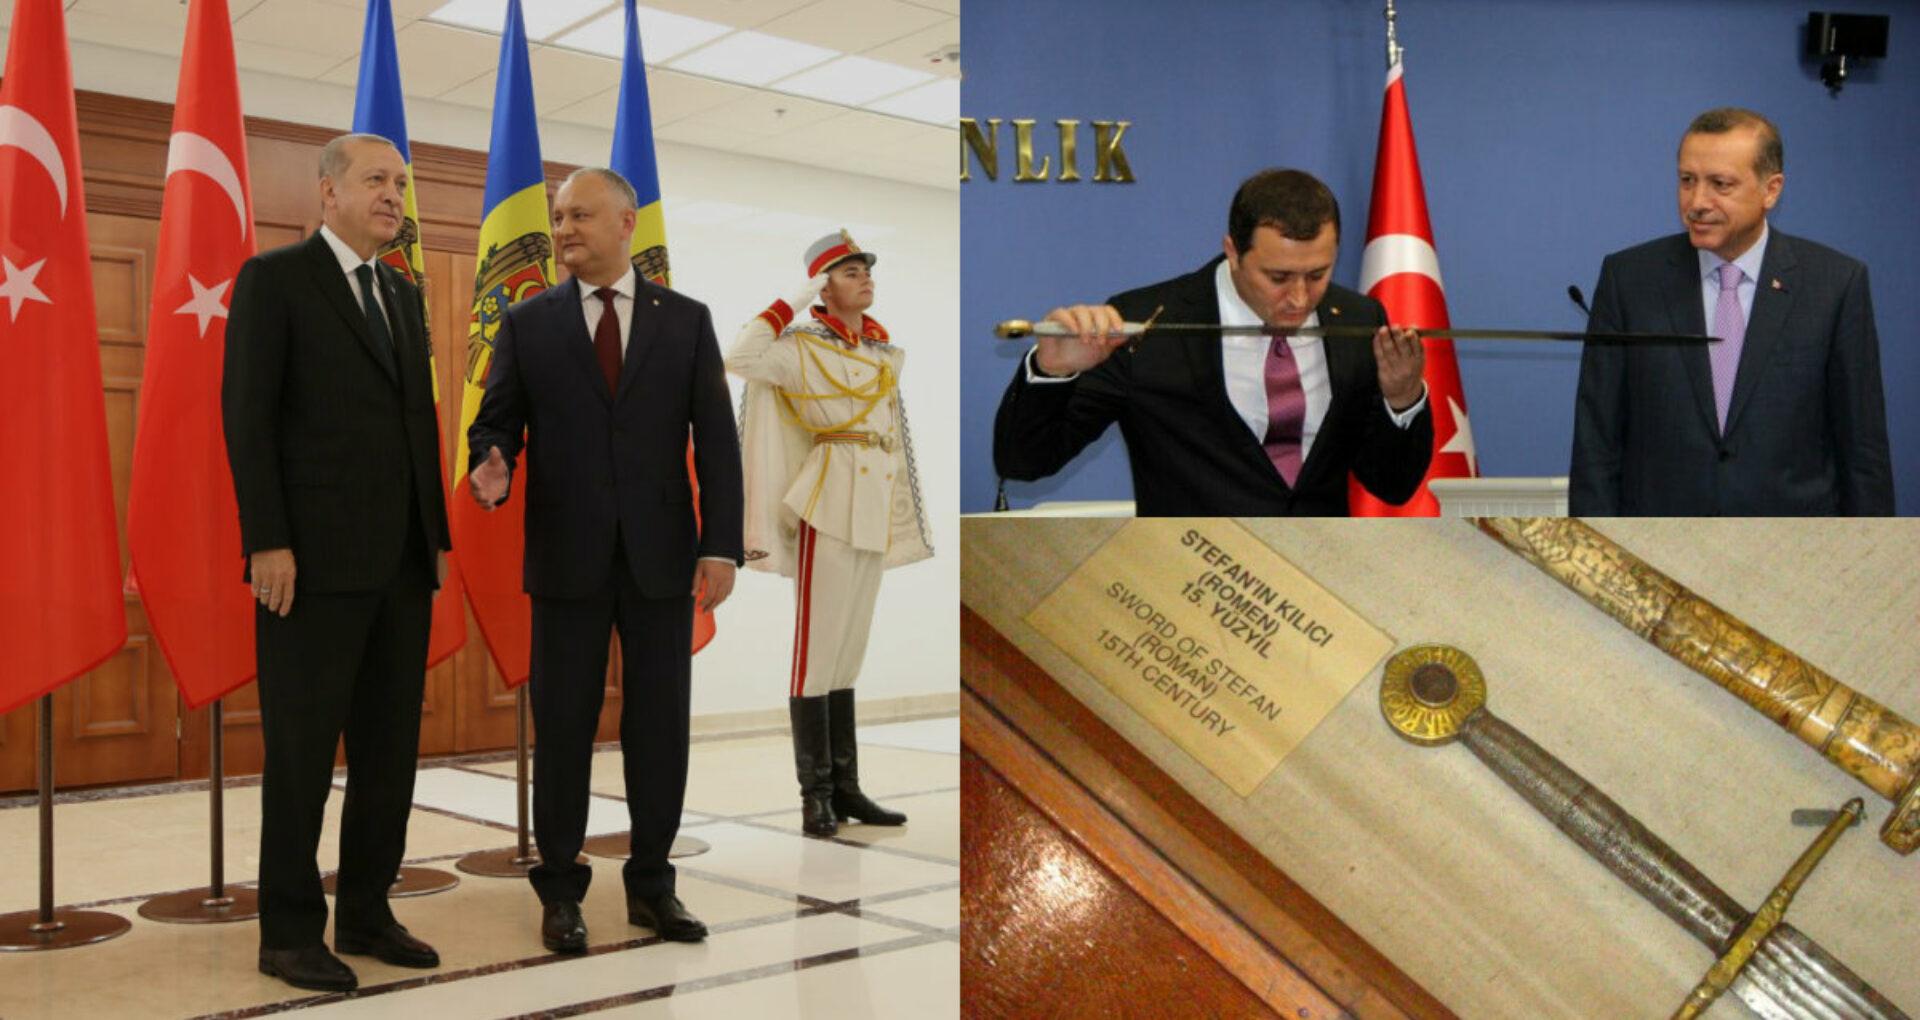 Deși avem o replică a sabiei lui Ștefan cel Mare la Cetatea Sorocii, Dodon îi mai cere una lui Erdogan